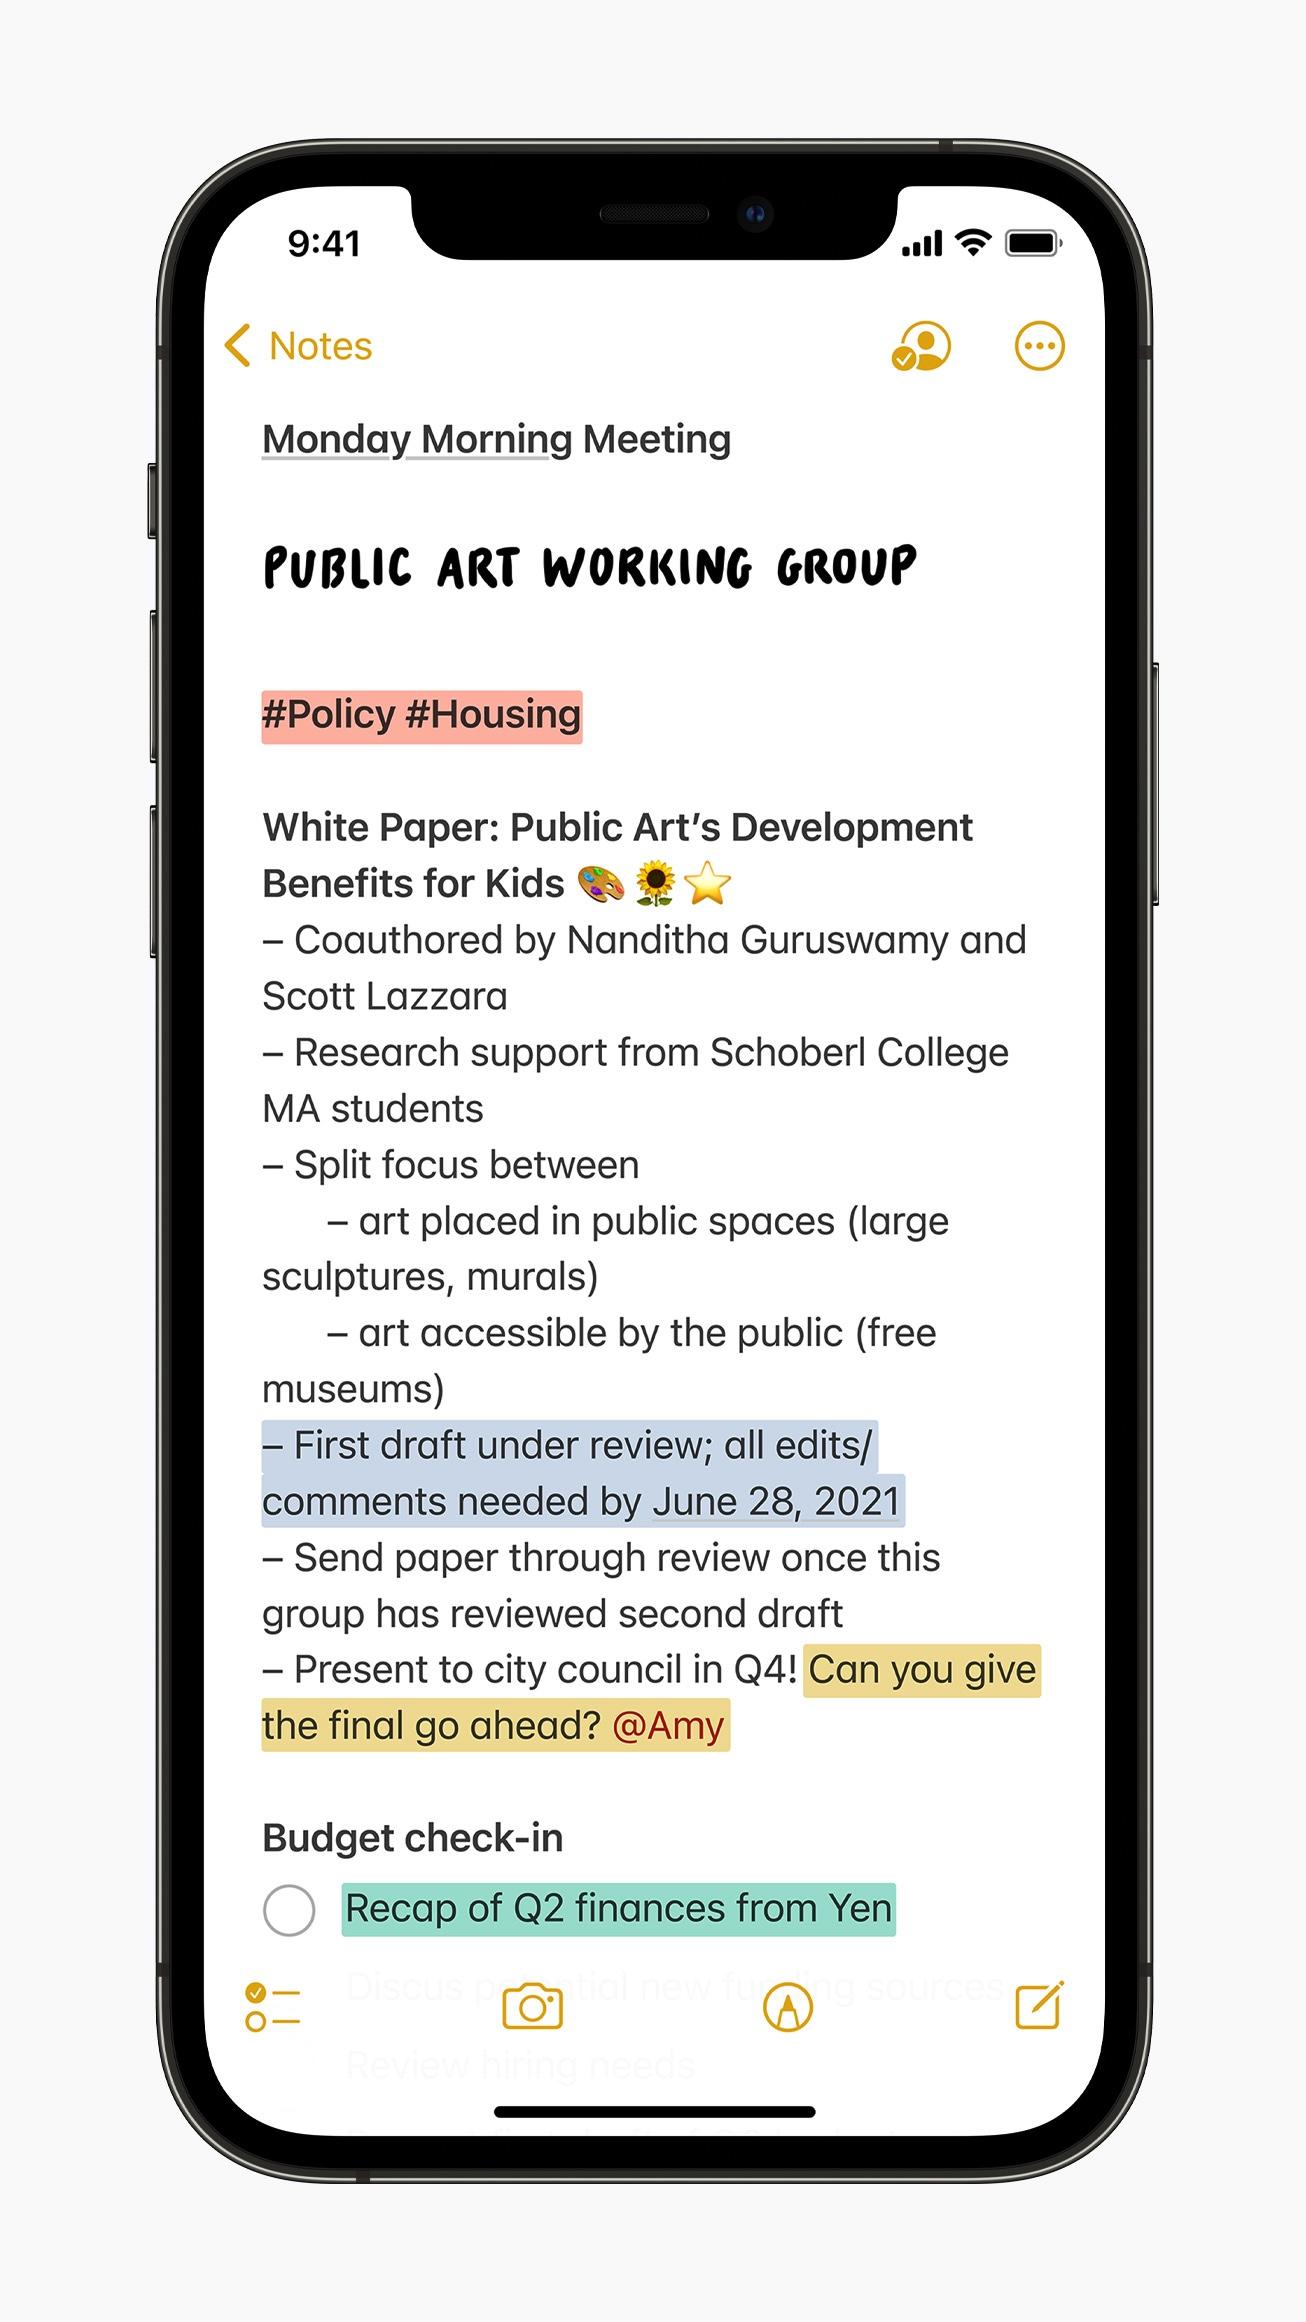 notatki iOS 15